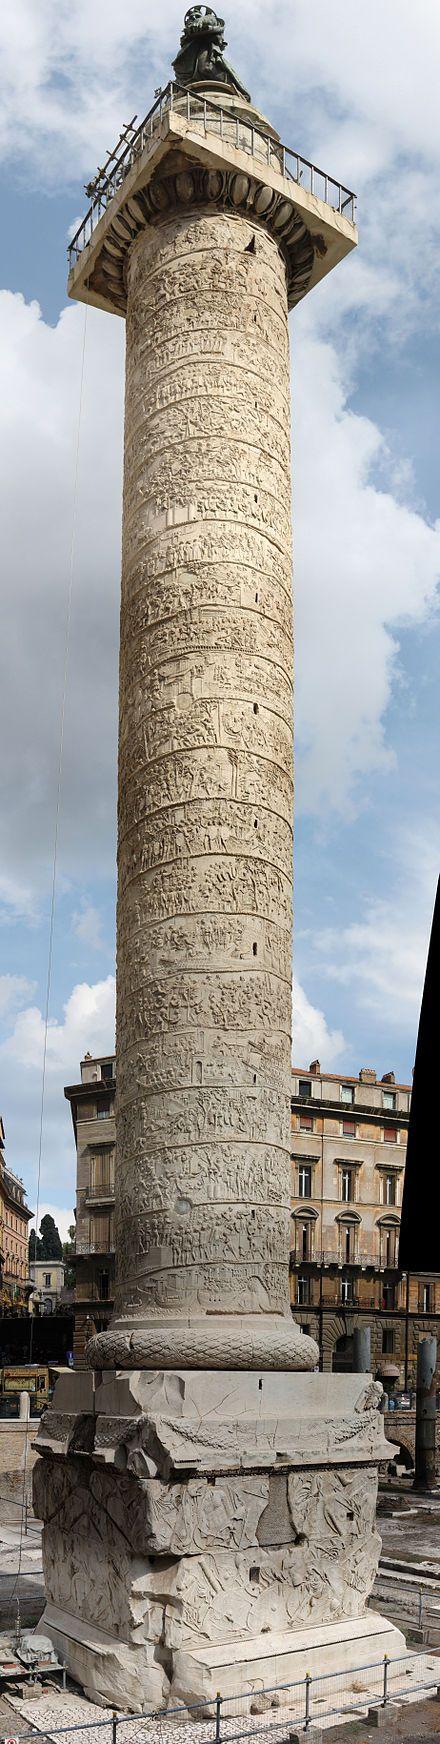 Columna de Trajano - Wikipedia, la enciclopedia libre